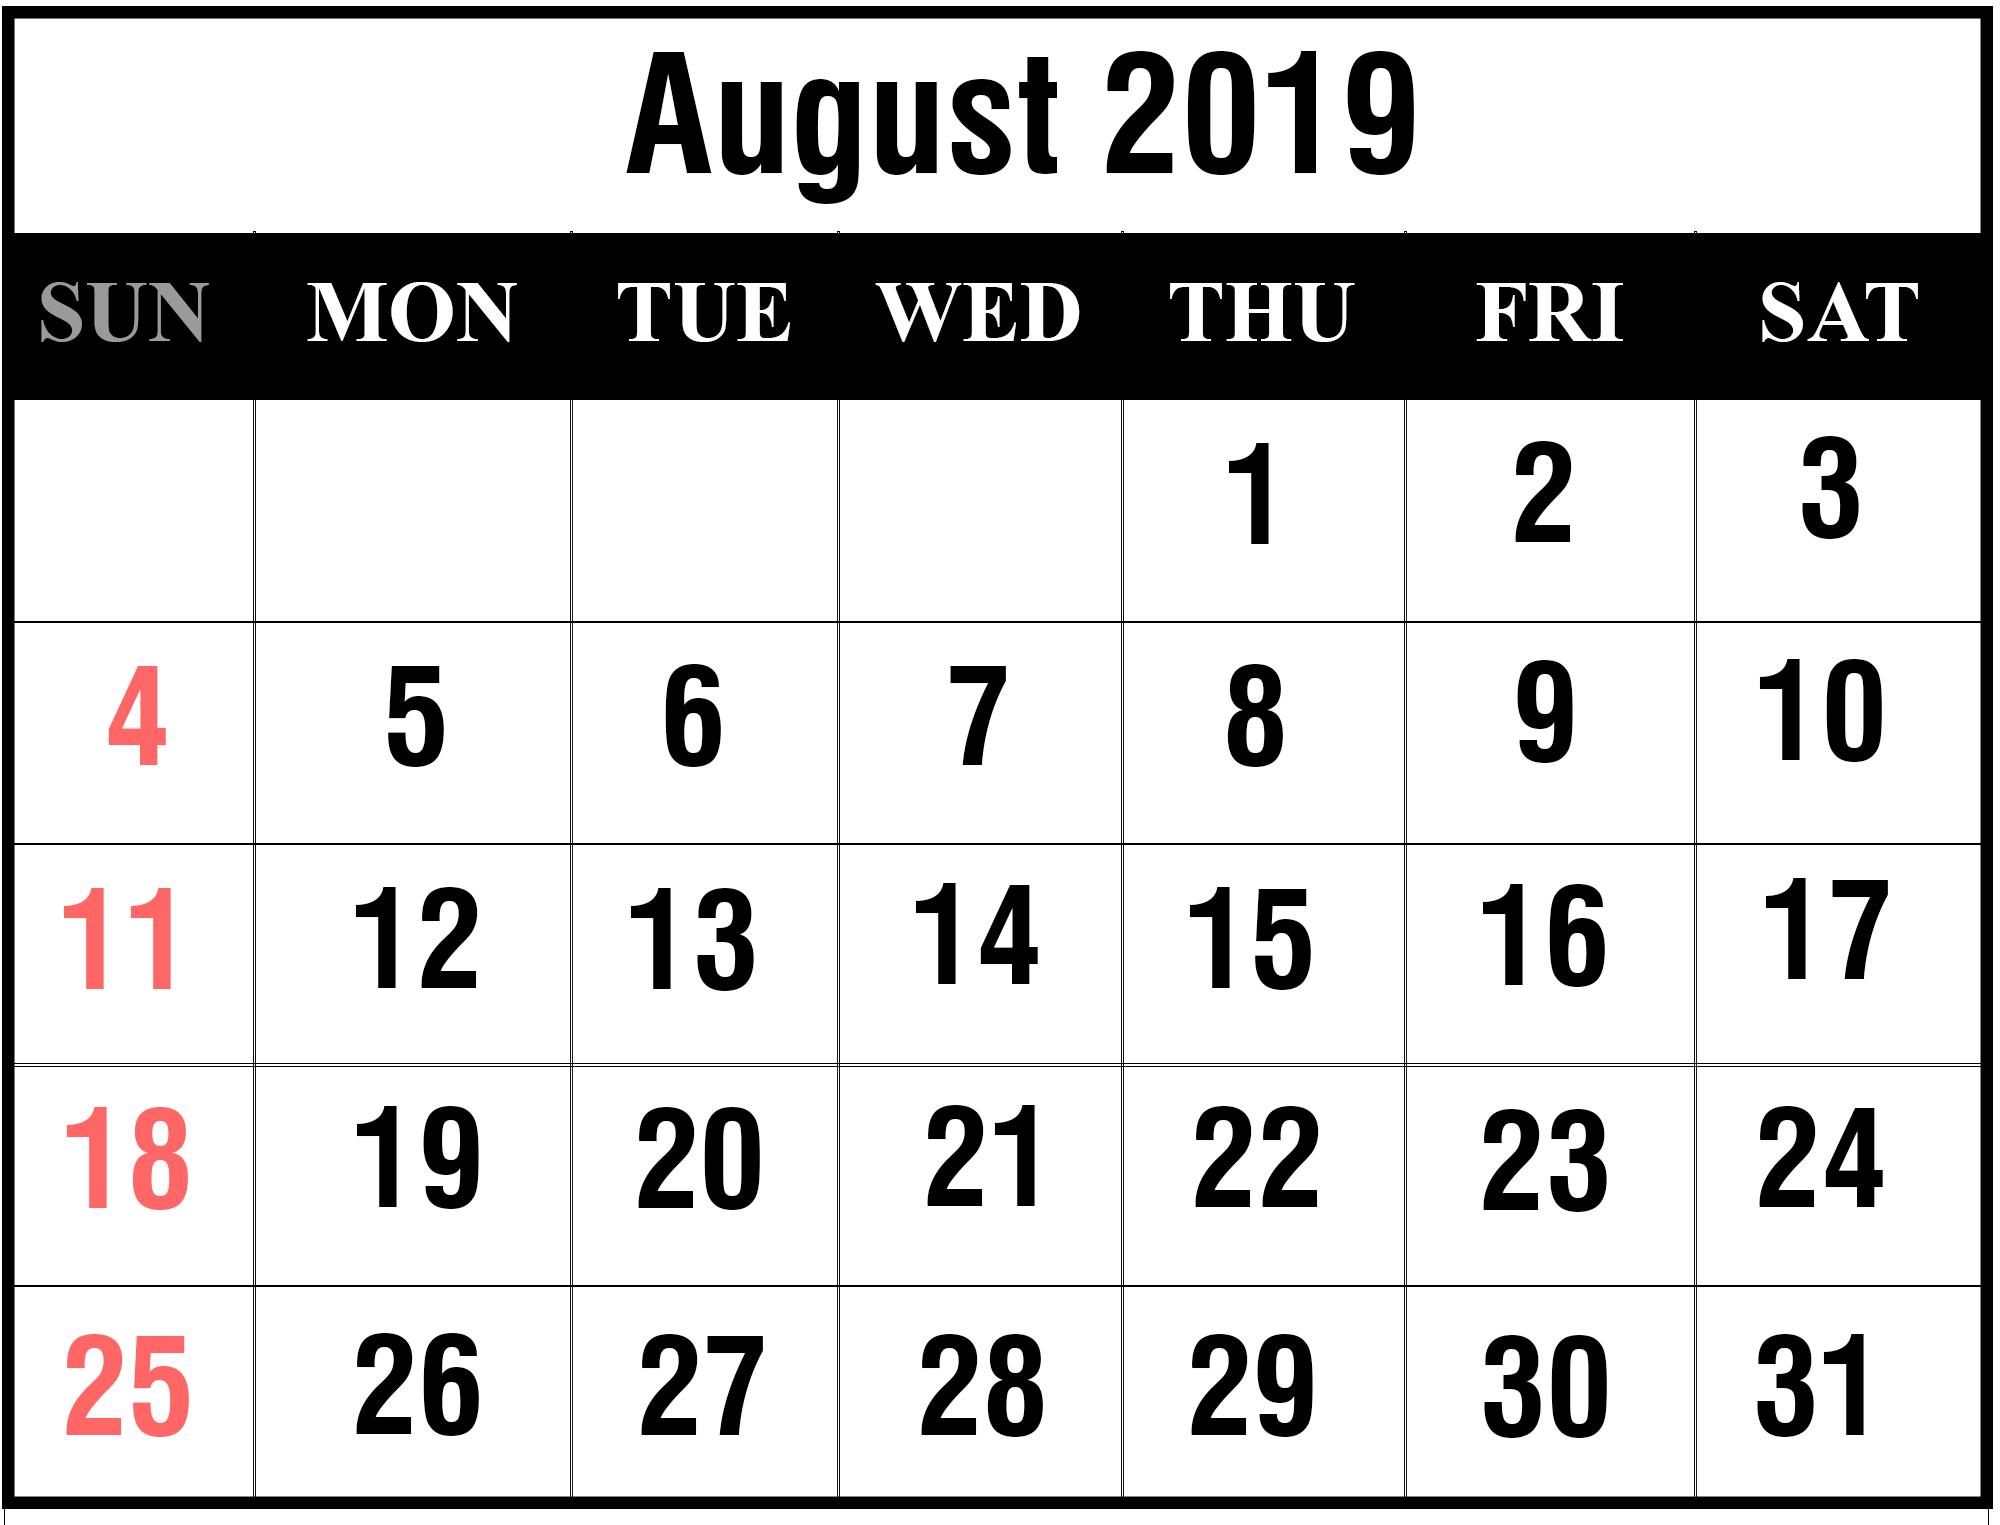 Free August 2019 Printable Calendar Template In Pdf, Excel, Word August 1 2019 Calendar